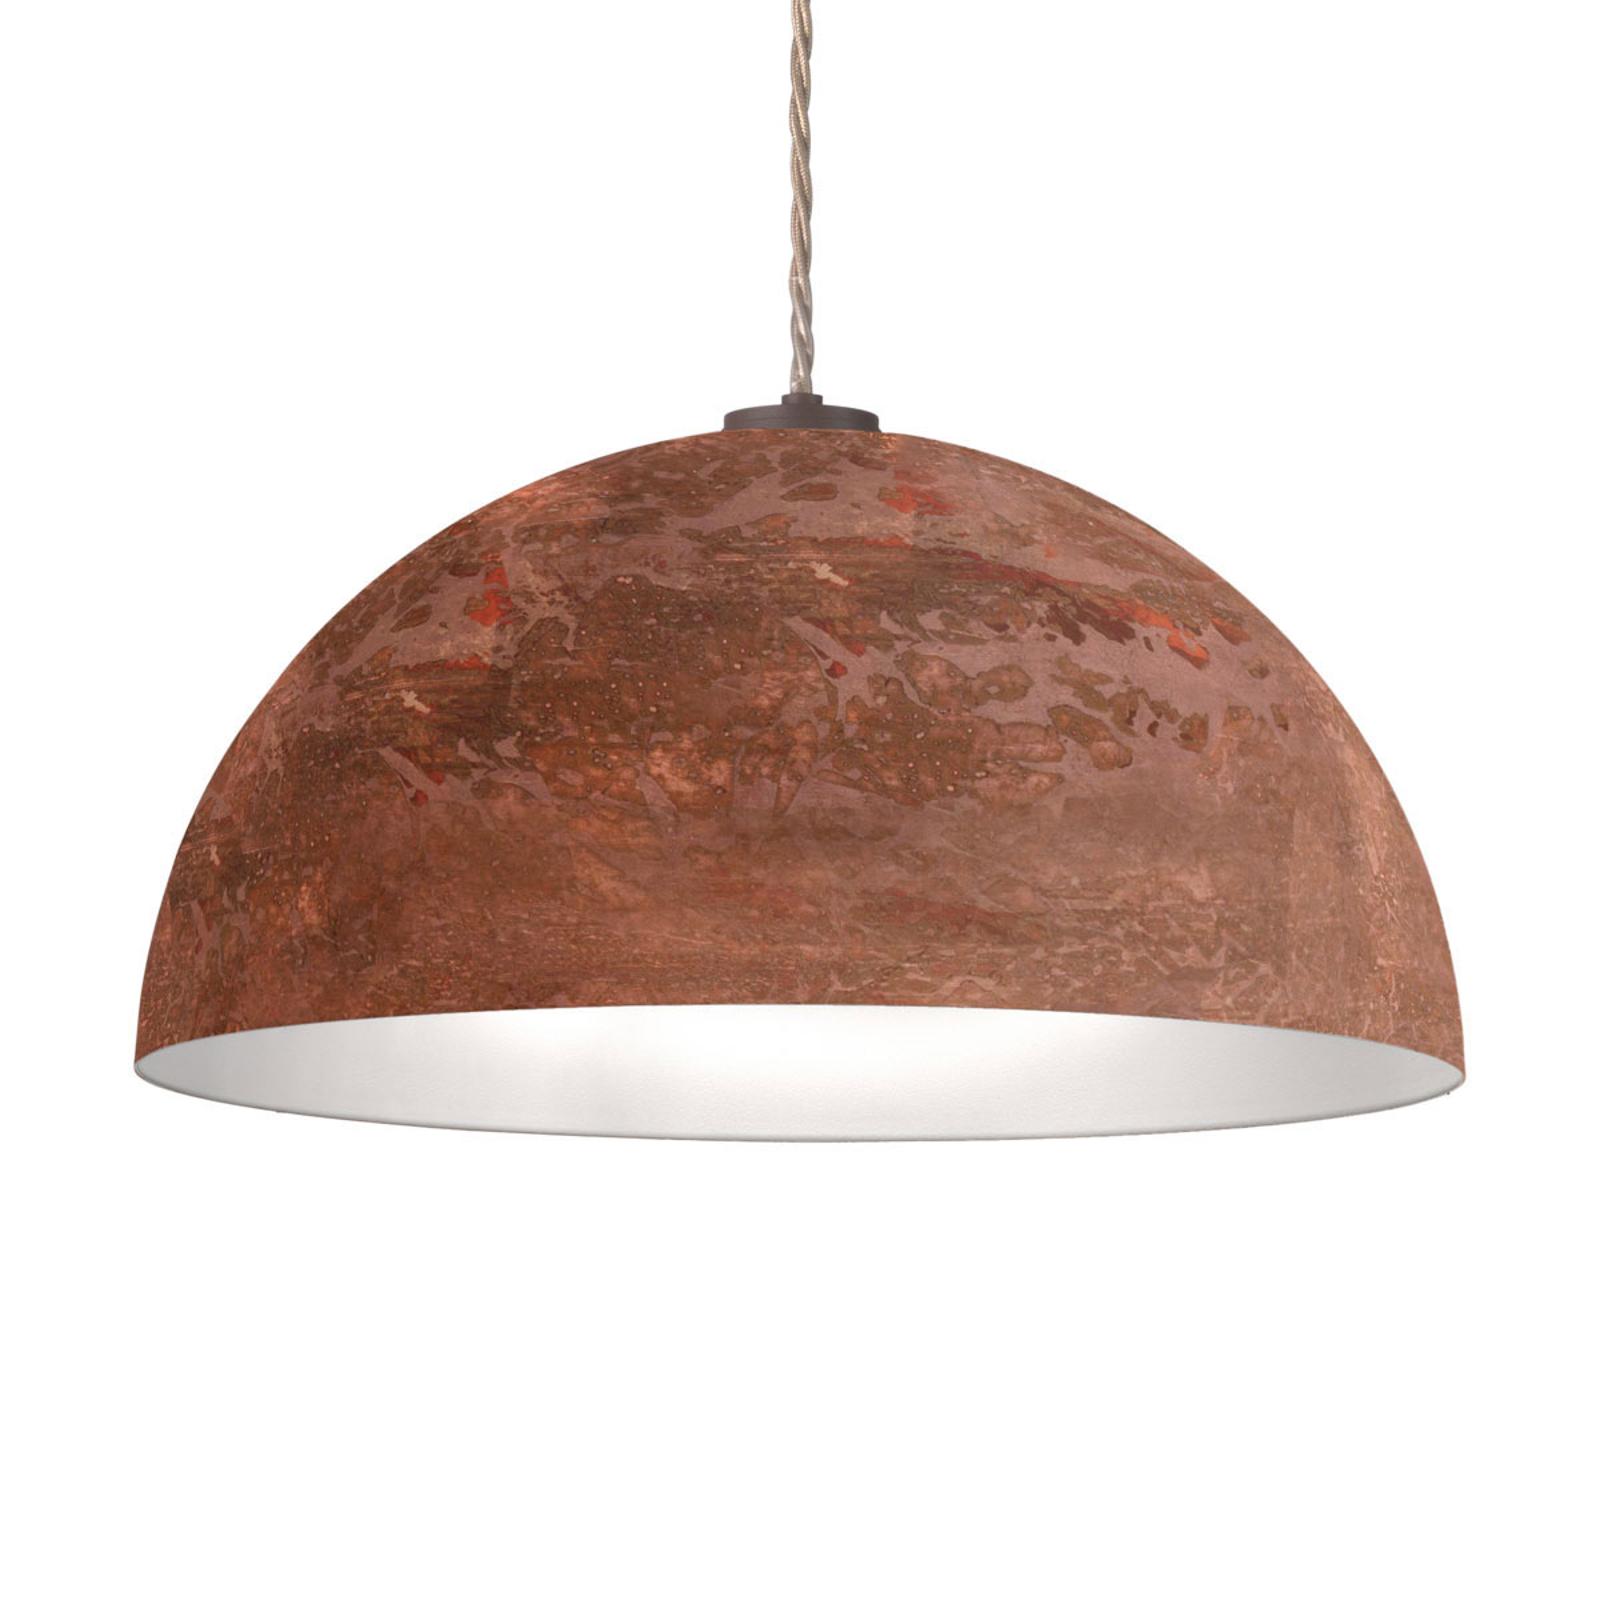 Cult Vintage hængelampe, kobber, Ø 40 cm